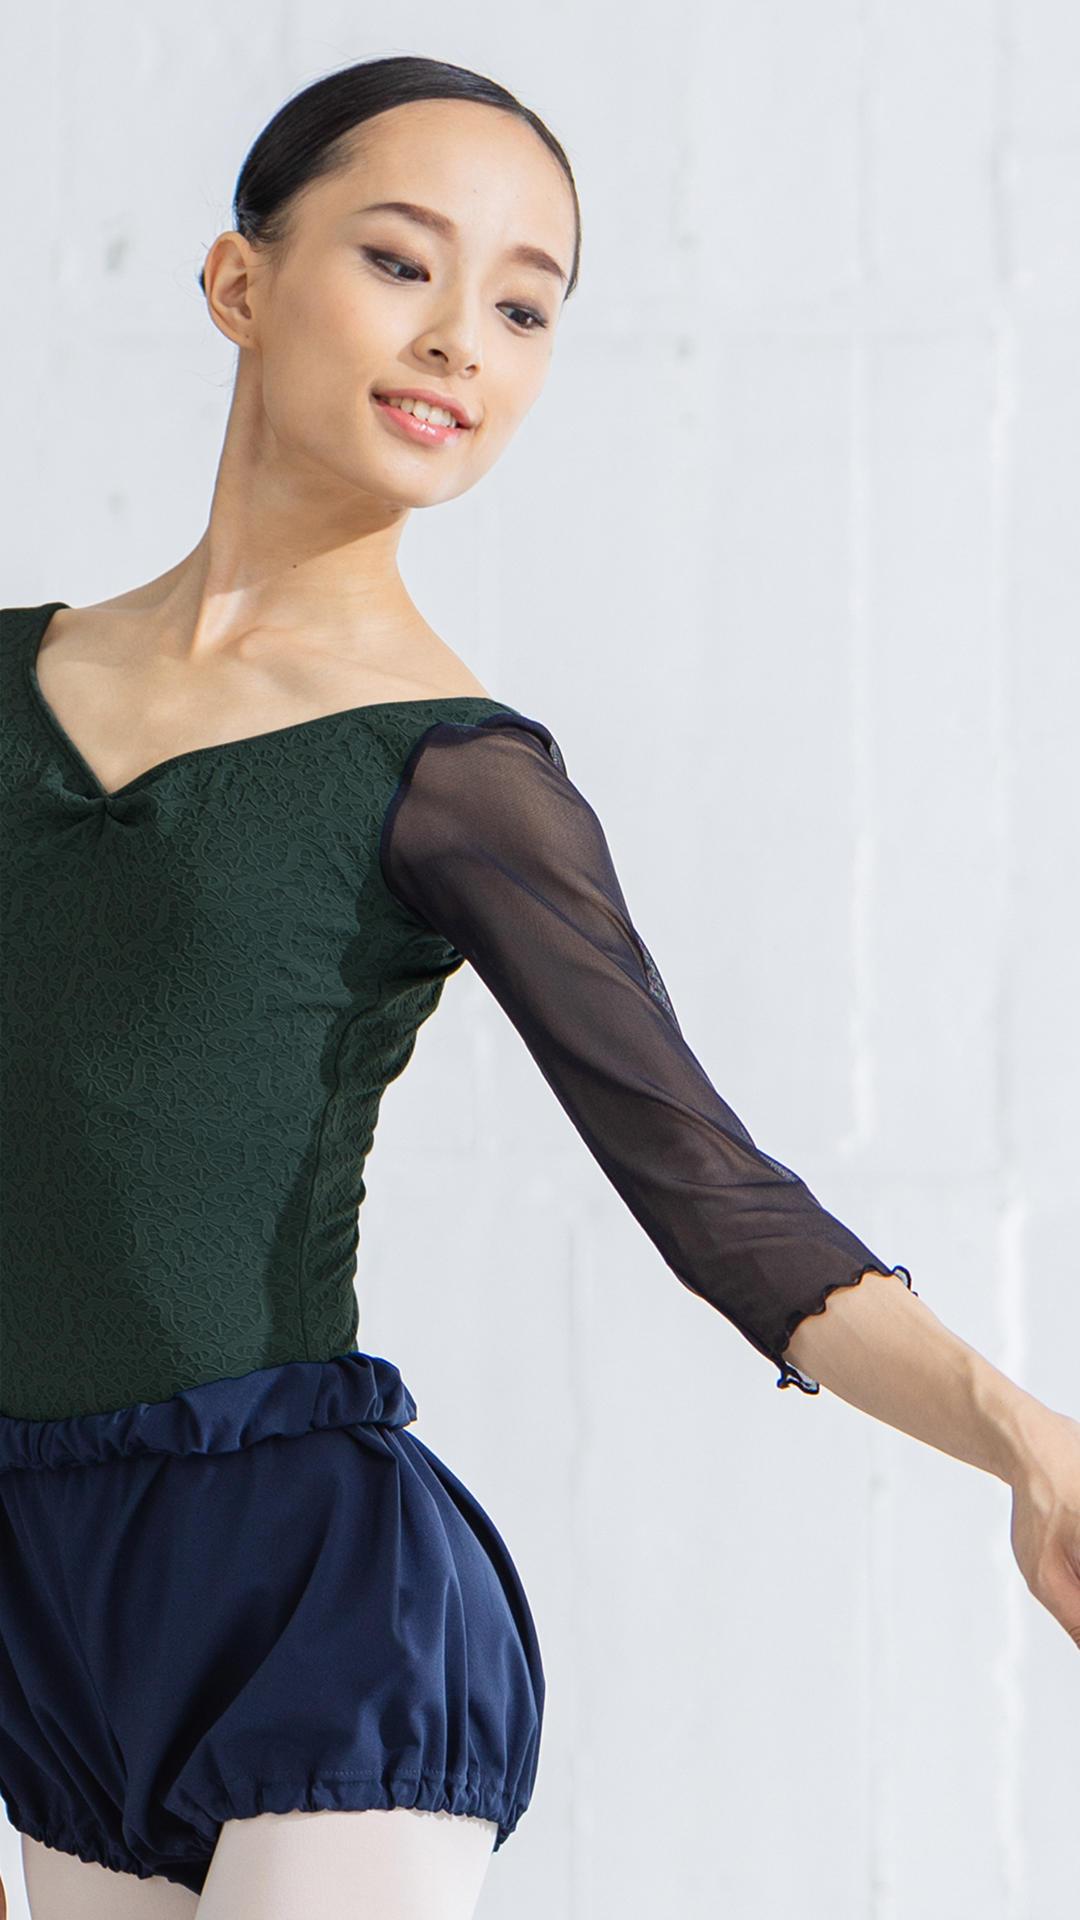 ladies_ballet_19b.jpg